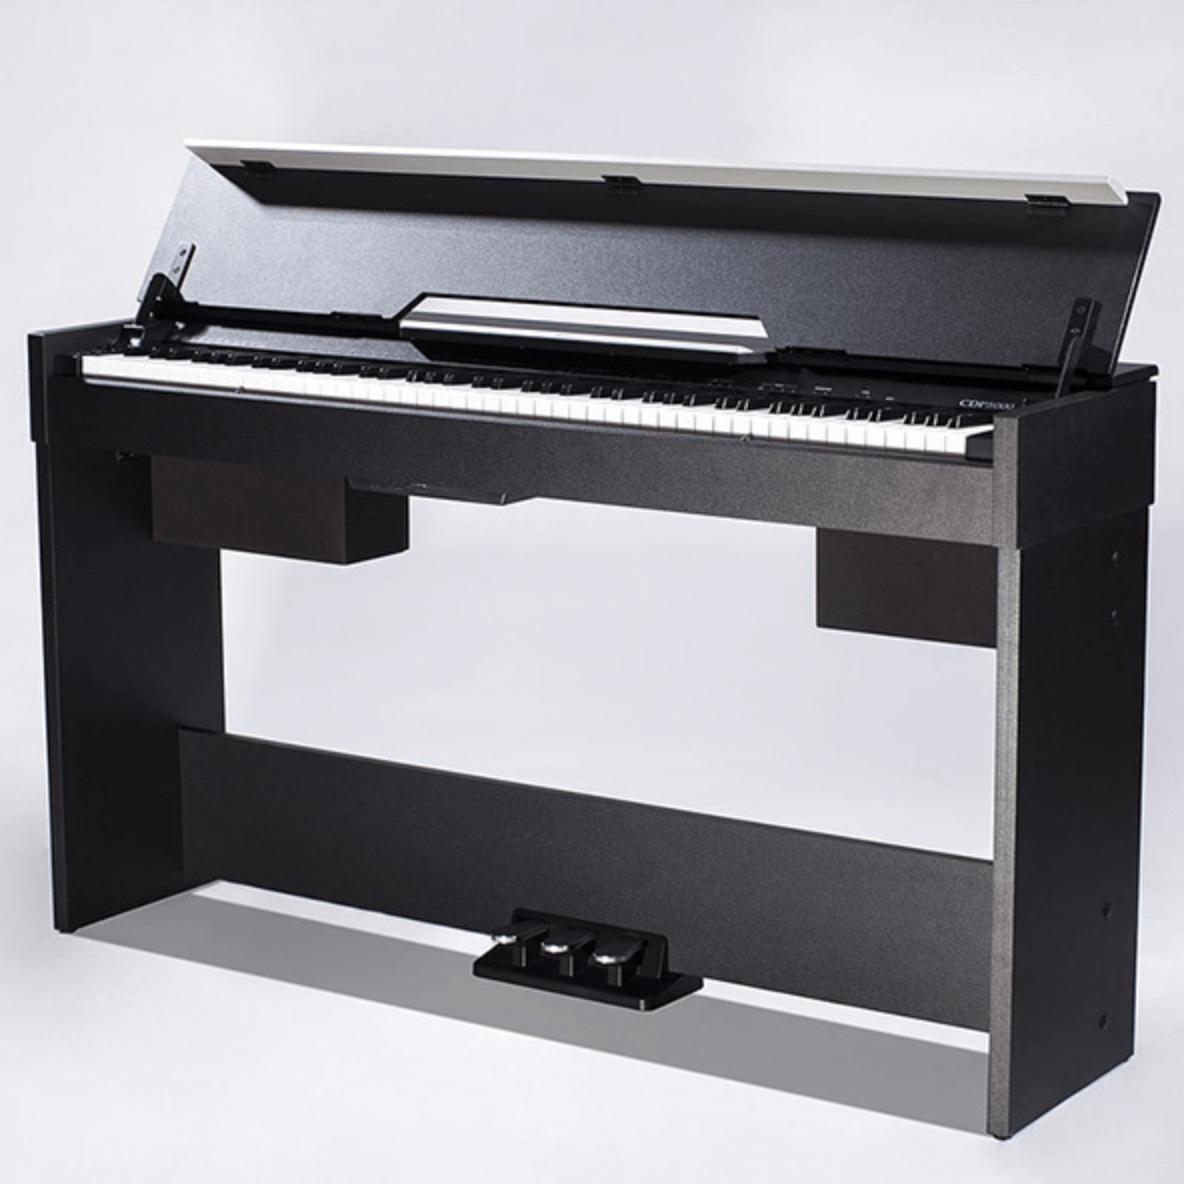 Купить Medeli CDP5000 Цифровое пианино компактное